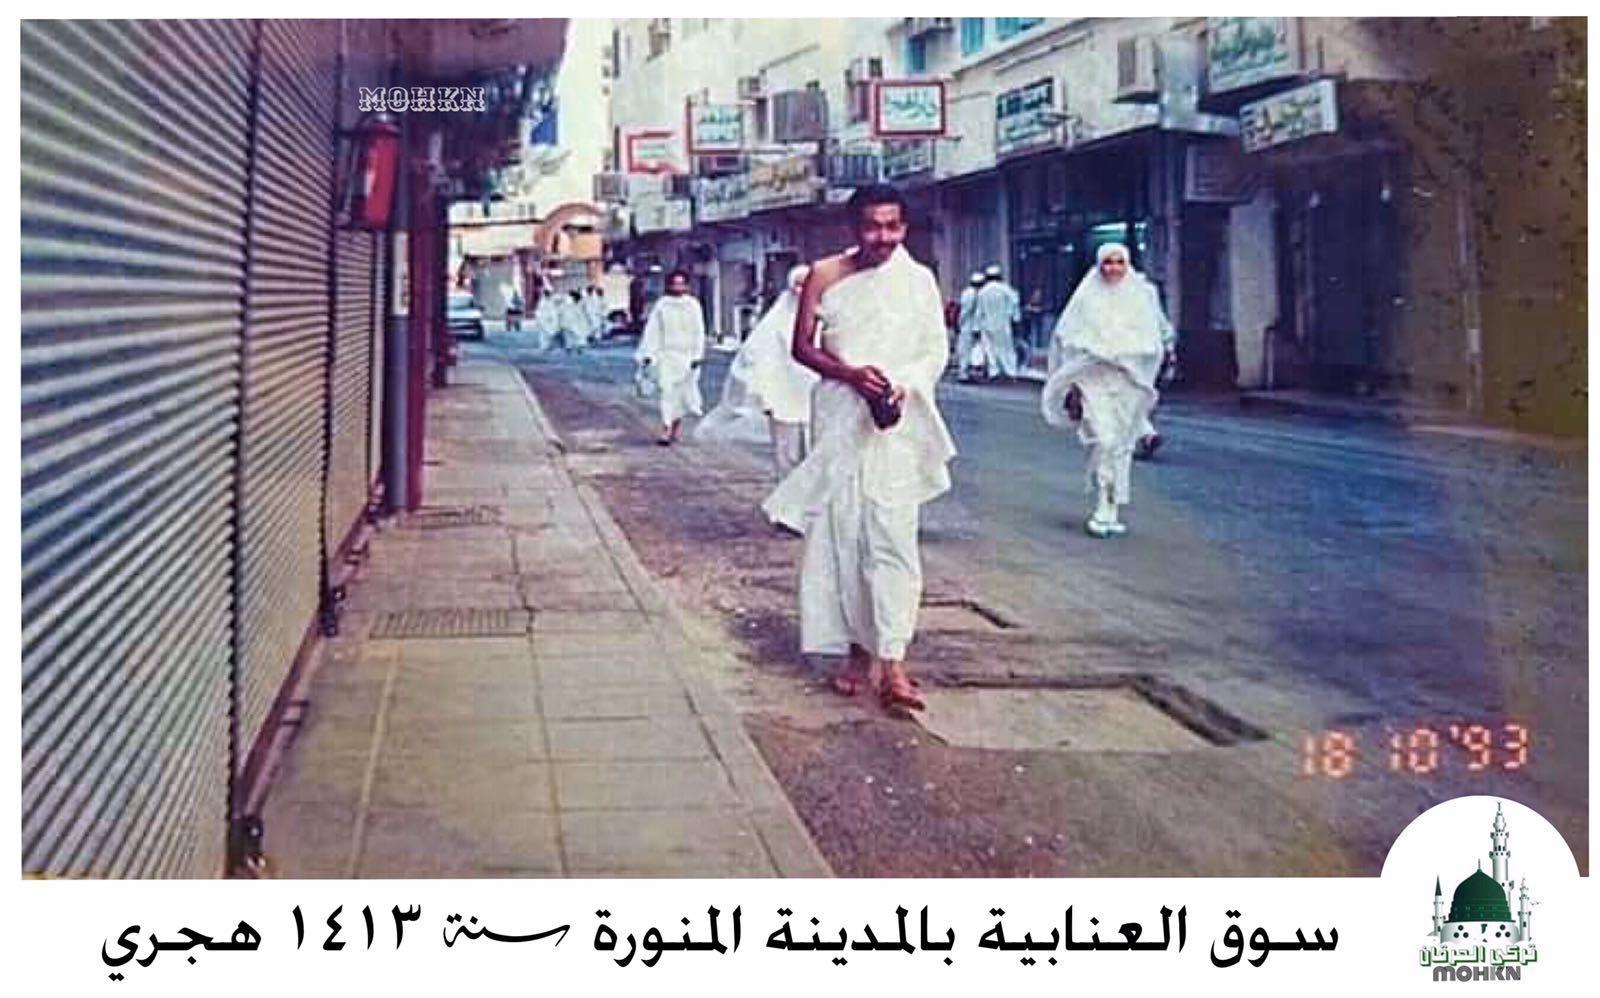 سوق العنابية بالمدينة المنورة 1413 هـ Makkah Street View Scenes